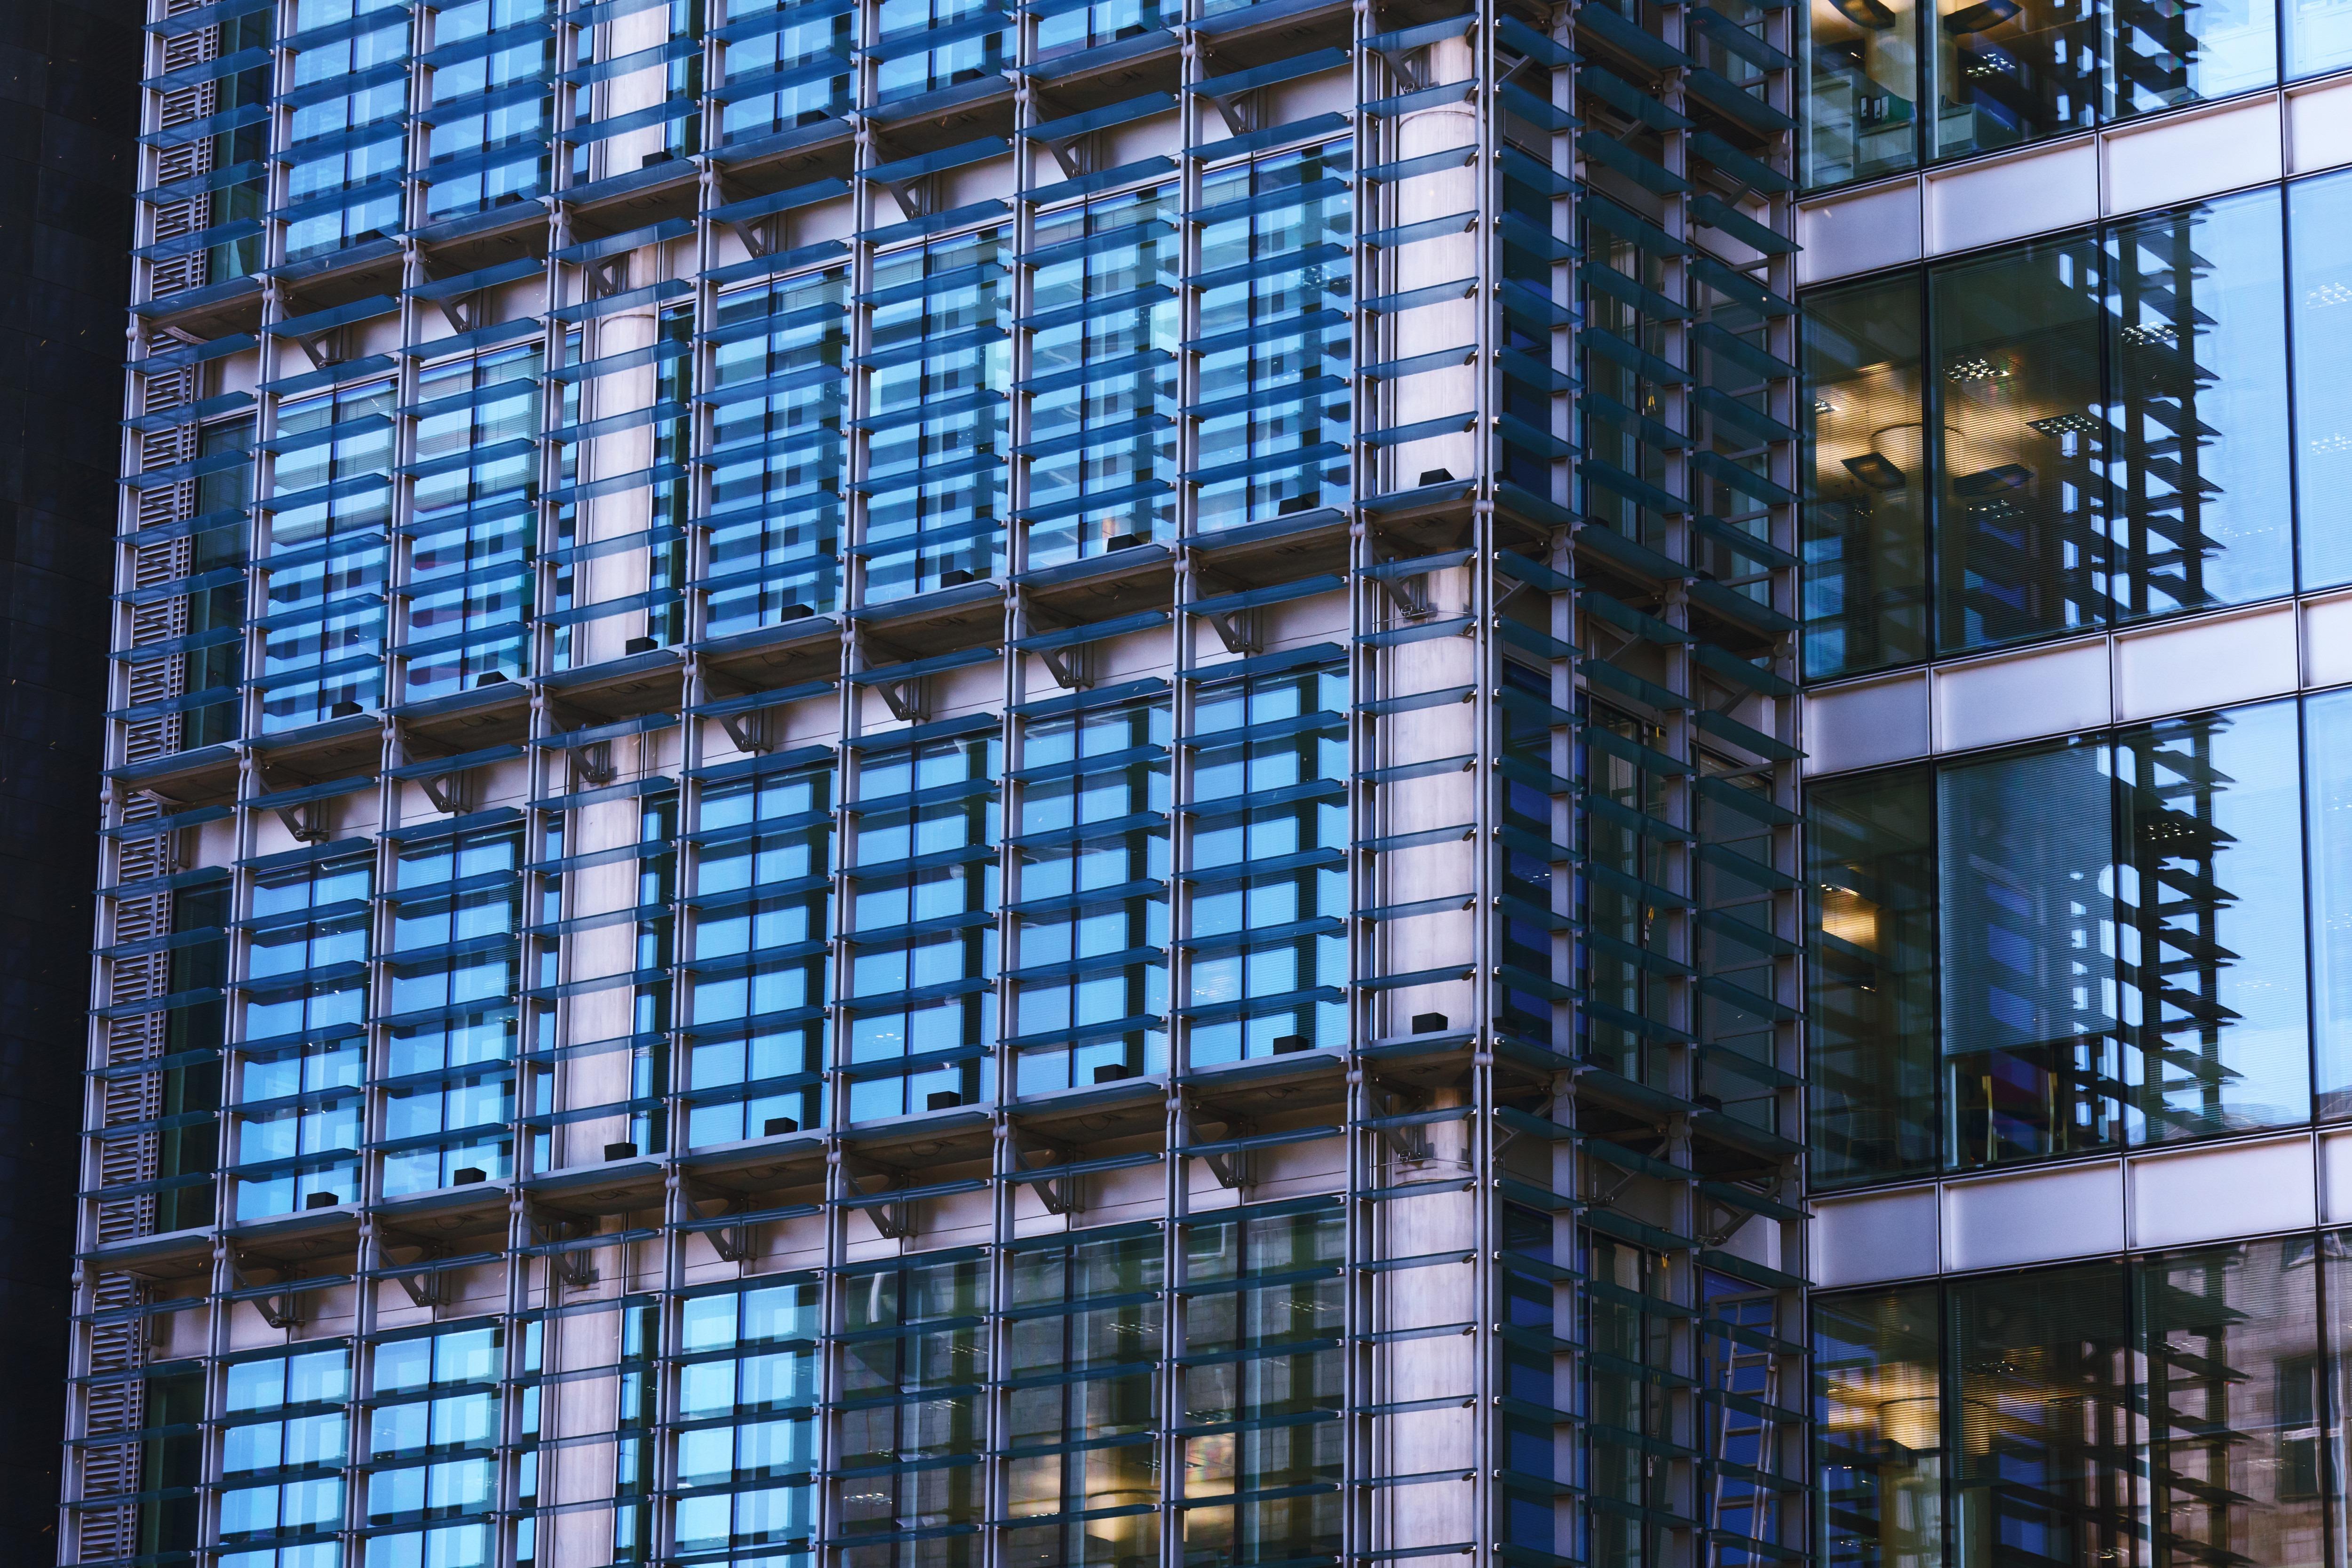 Stehlen Modern kostenlose foto abstrakt die architektur struktur fenster